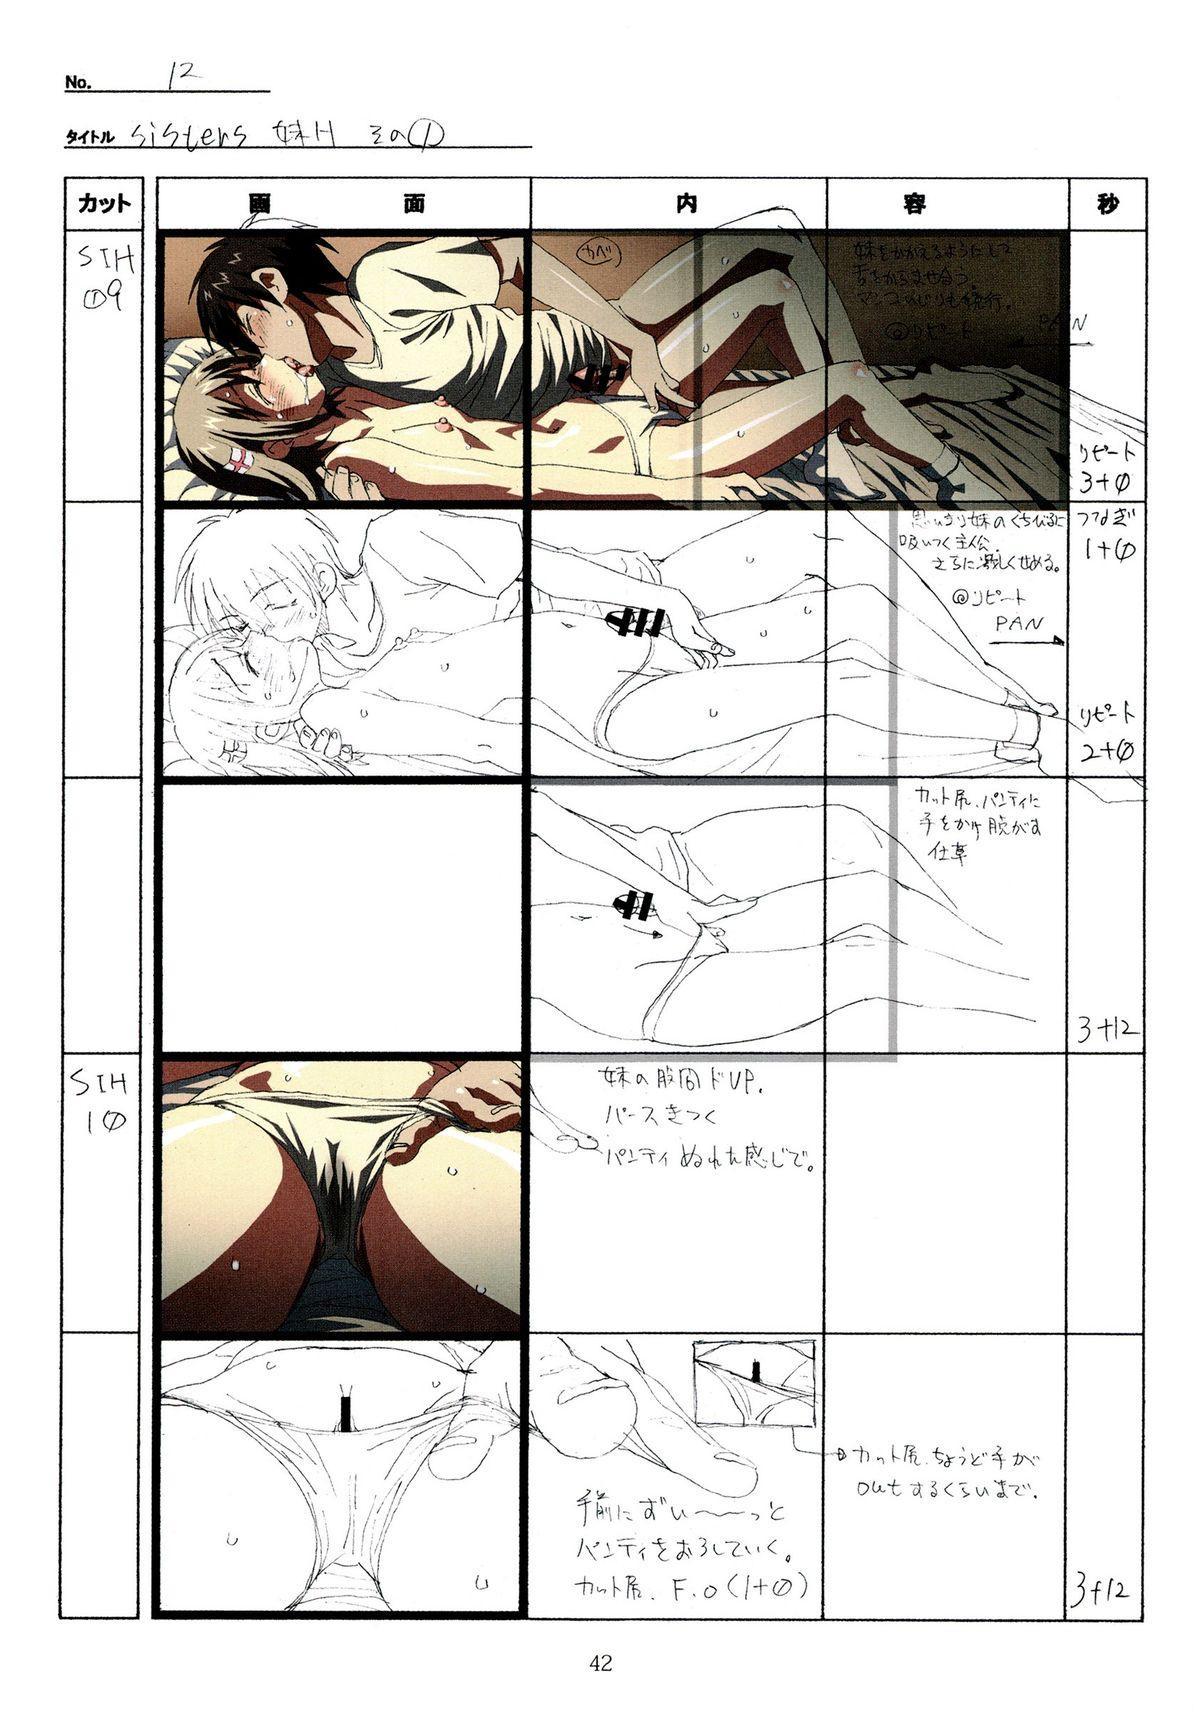 (C89) [Makino Jimusho (Taki Minashika)] SISTERS -Natsu no Saigo no Hi- H Scene All Part Storyboard (SISTERS -Natsu no Saigo no Hi-) 41